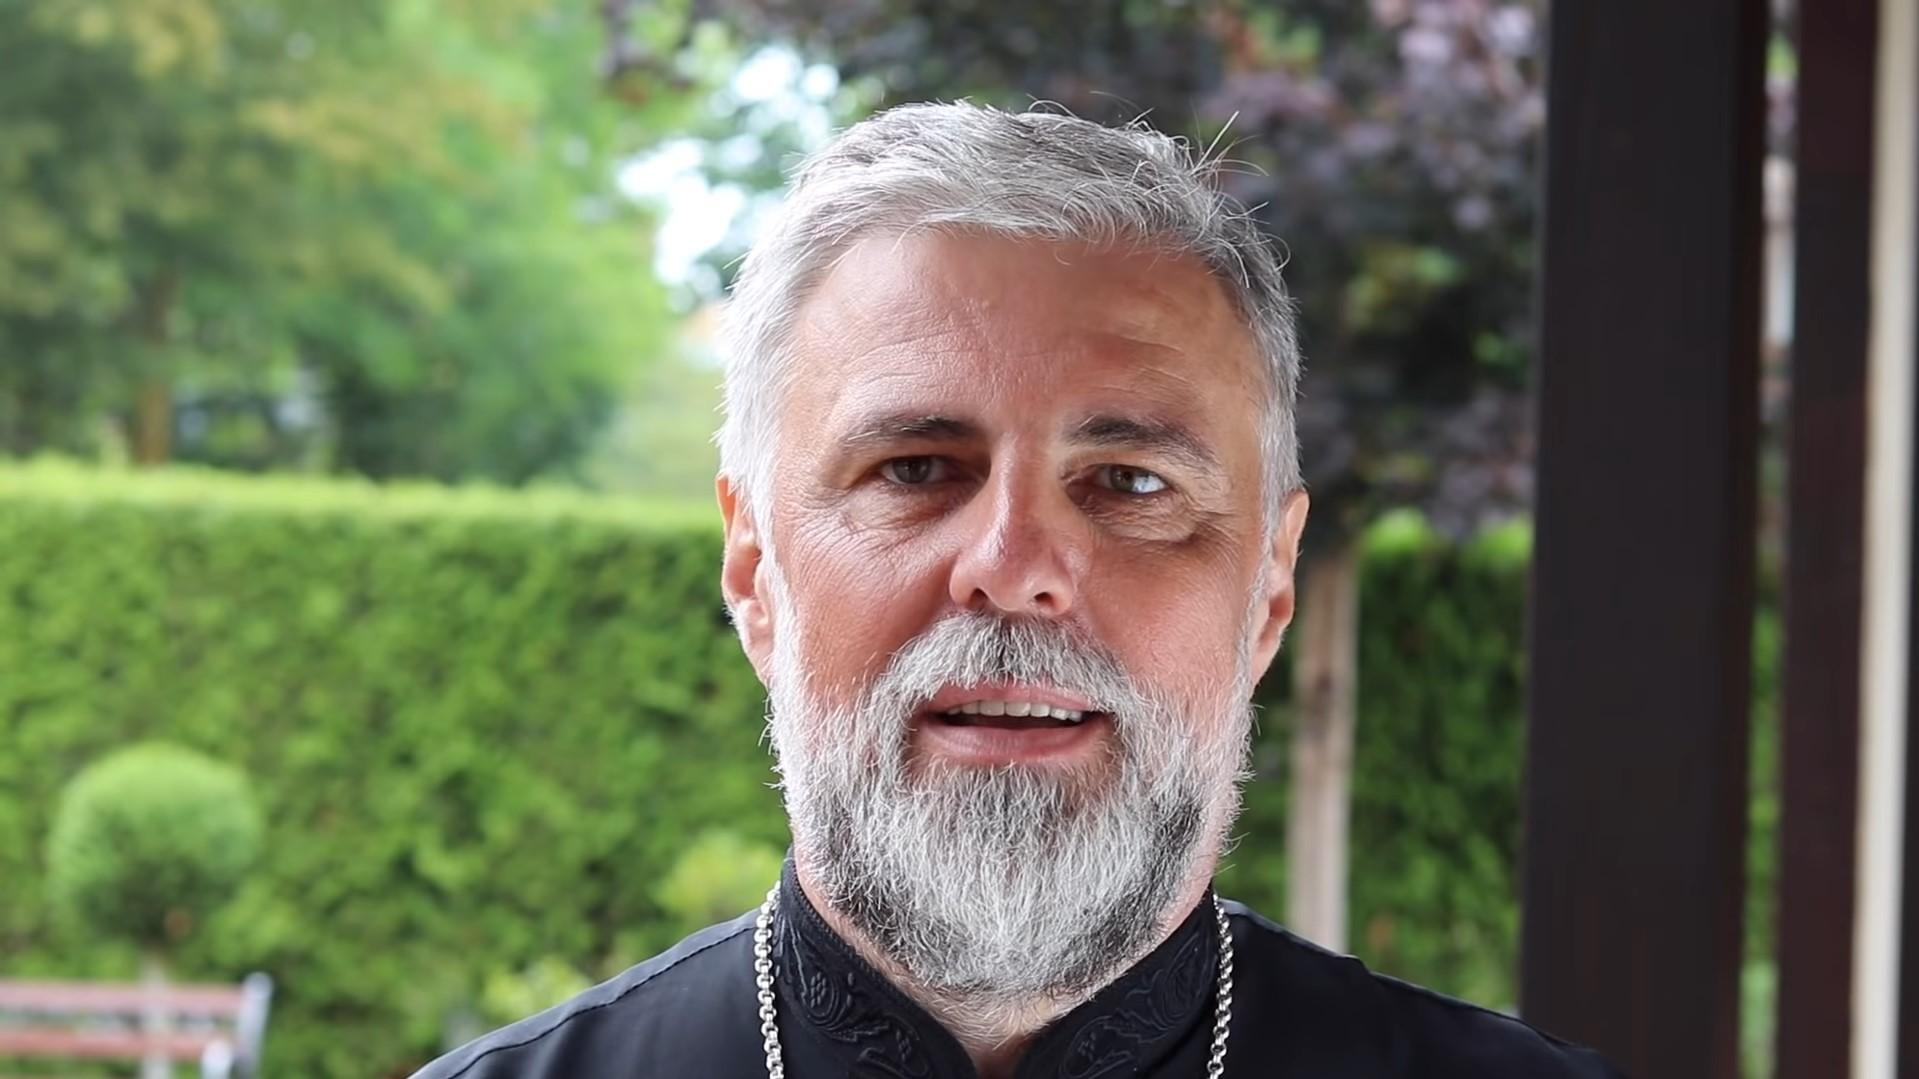 Обраћање Епископа Диселдорфа и Немачке Г. Григорија